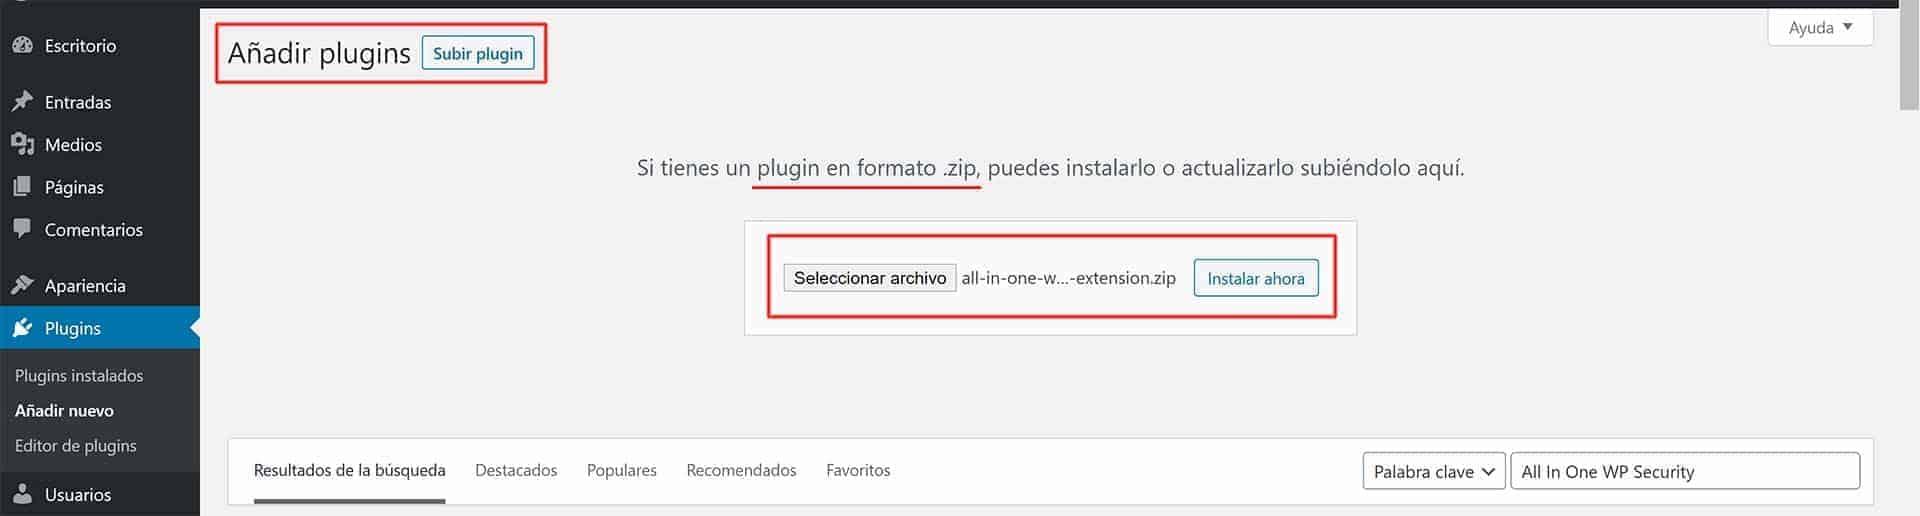 <mark>Aprende cómo instalar plugins en WordPress, en menos de 1 minuto</mark> 3